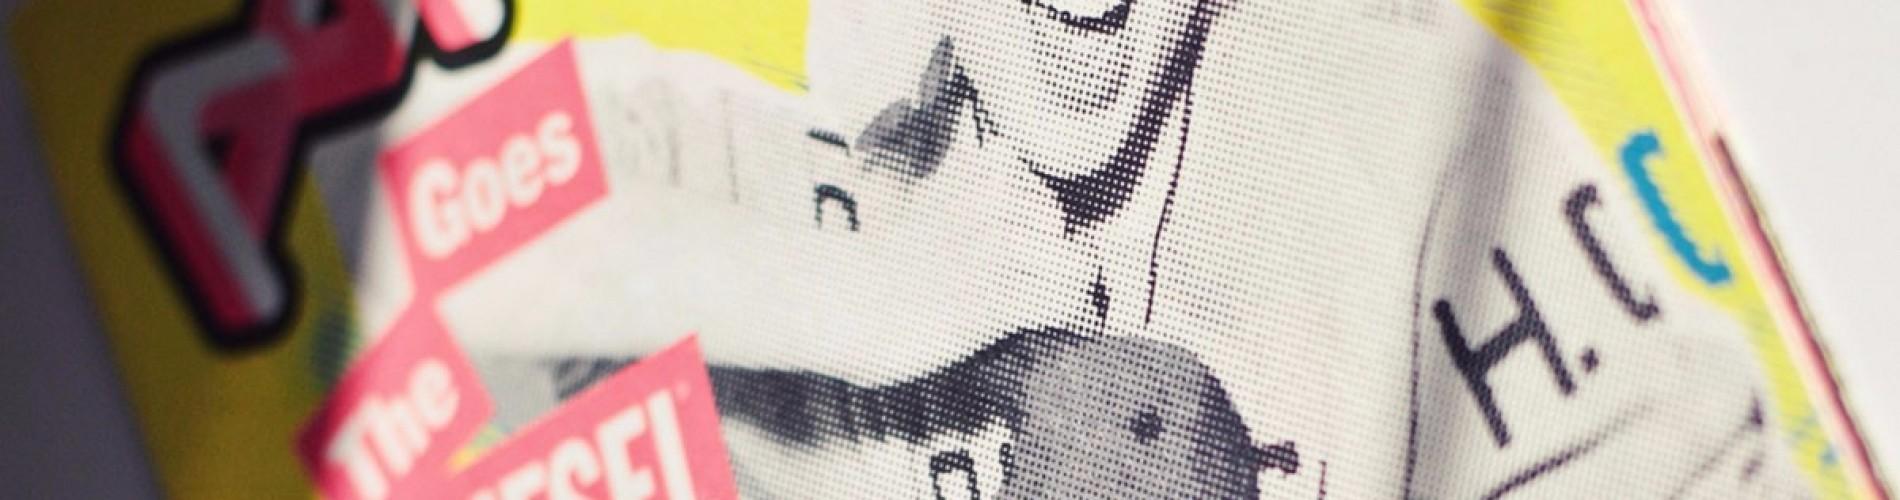 Image-affiche-pop_03-1900x500_c